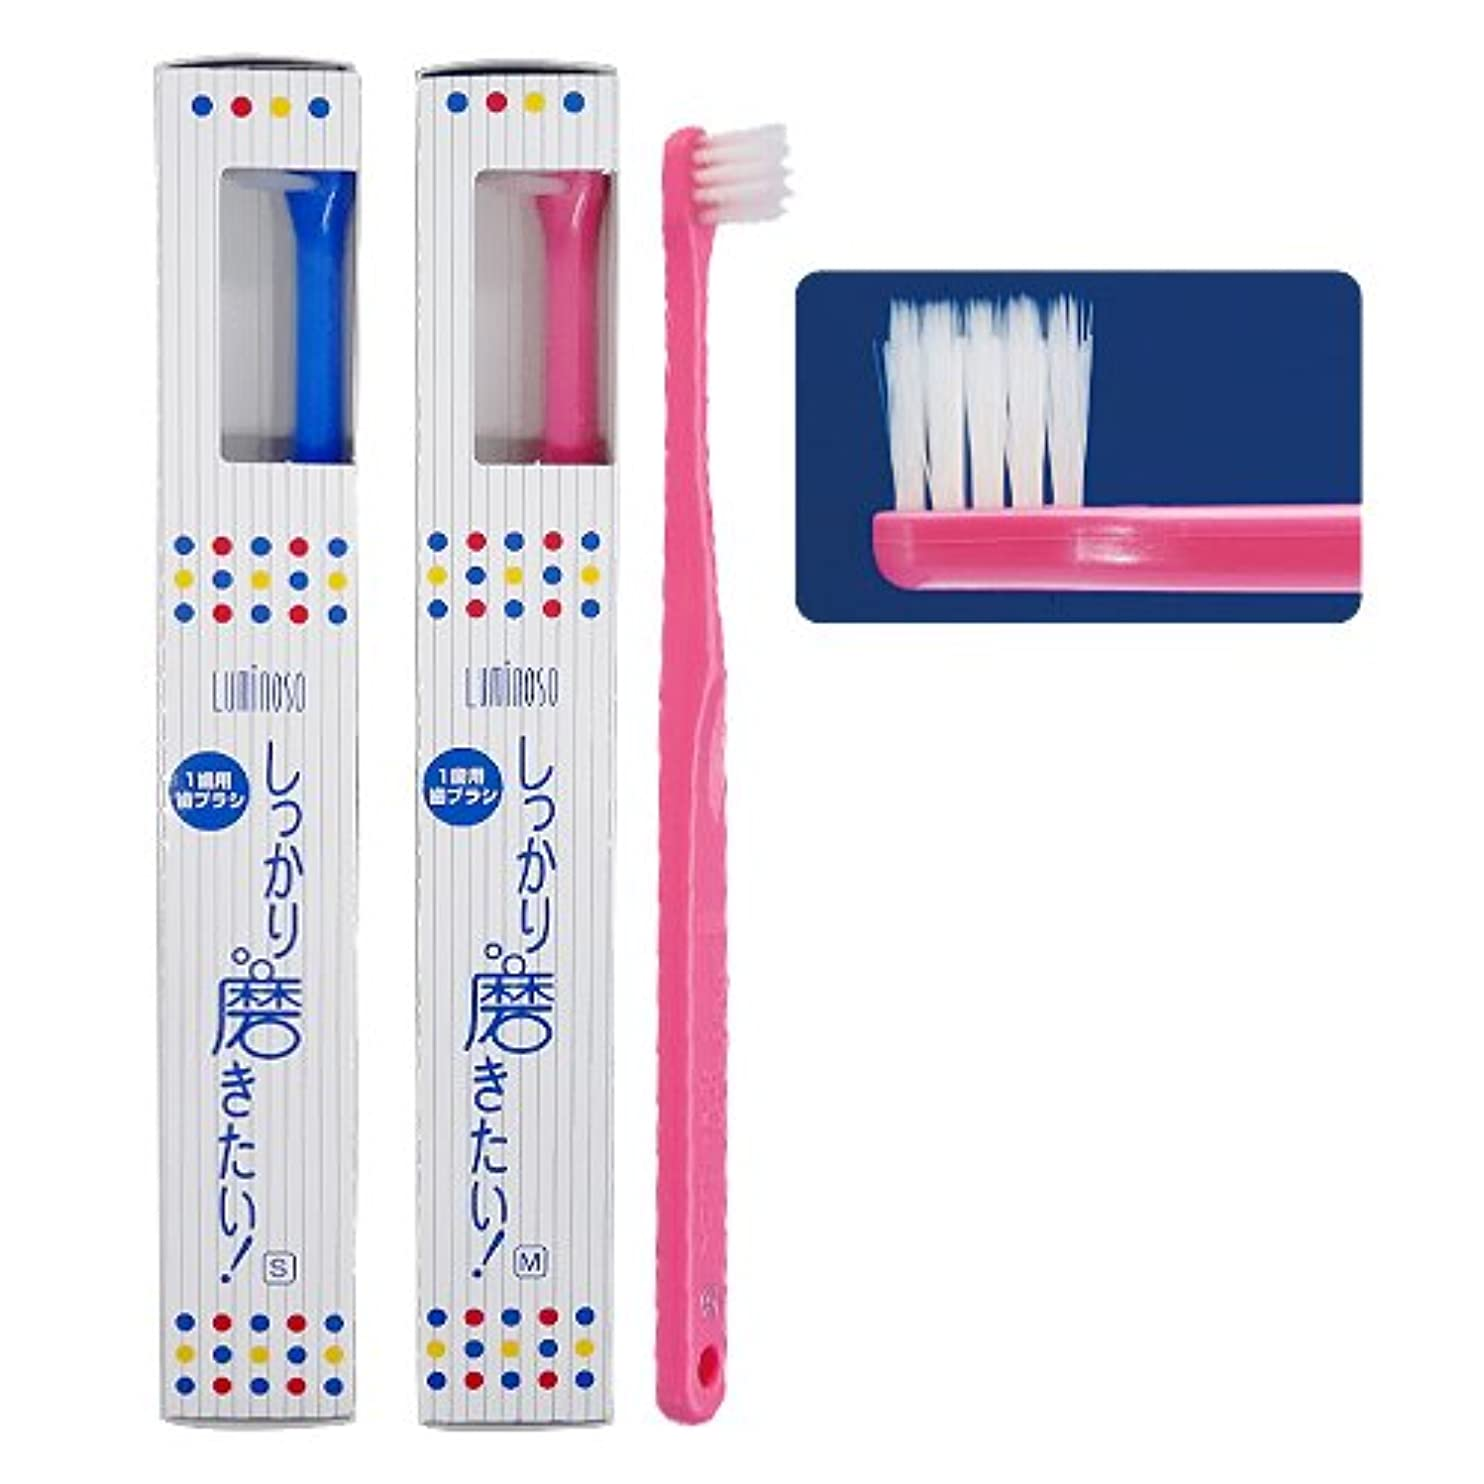 ハイキング暴力的な腹部ルミノソ 1歯用歯ブラシ「しっかり磨きたい!」スタンダード ソフト